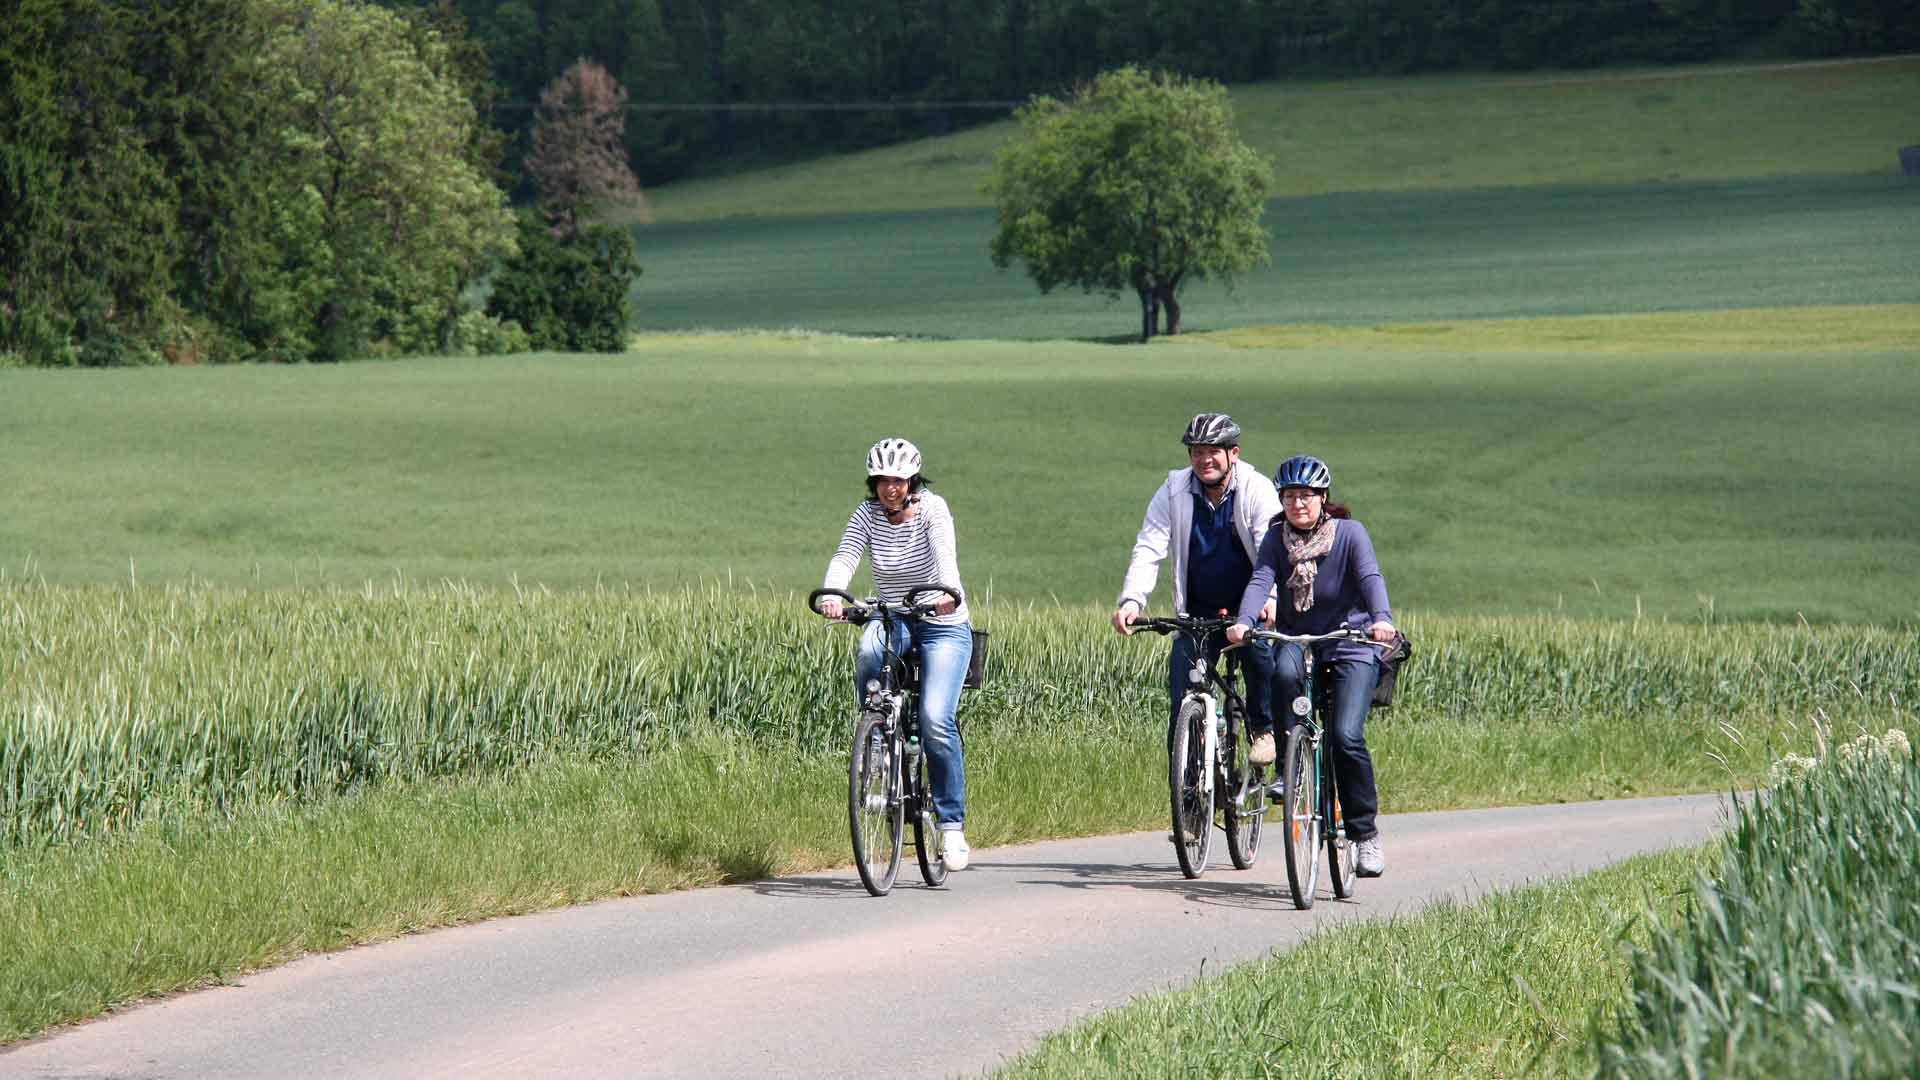 Paderborner_Land_IMG_5278-2